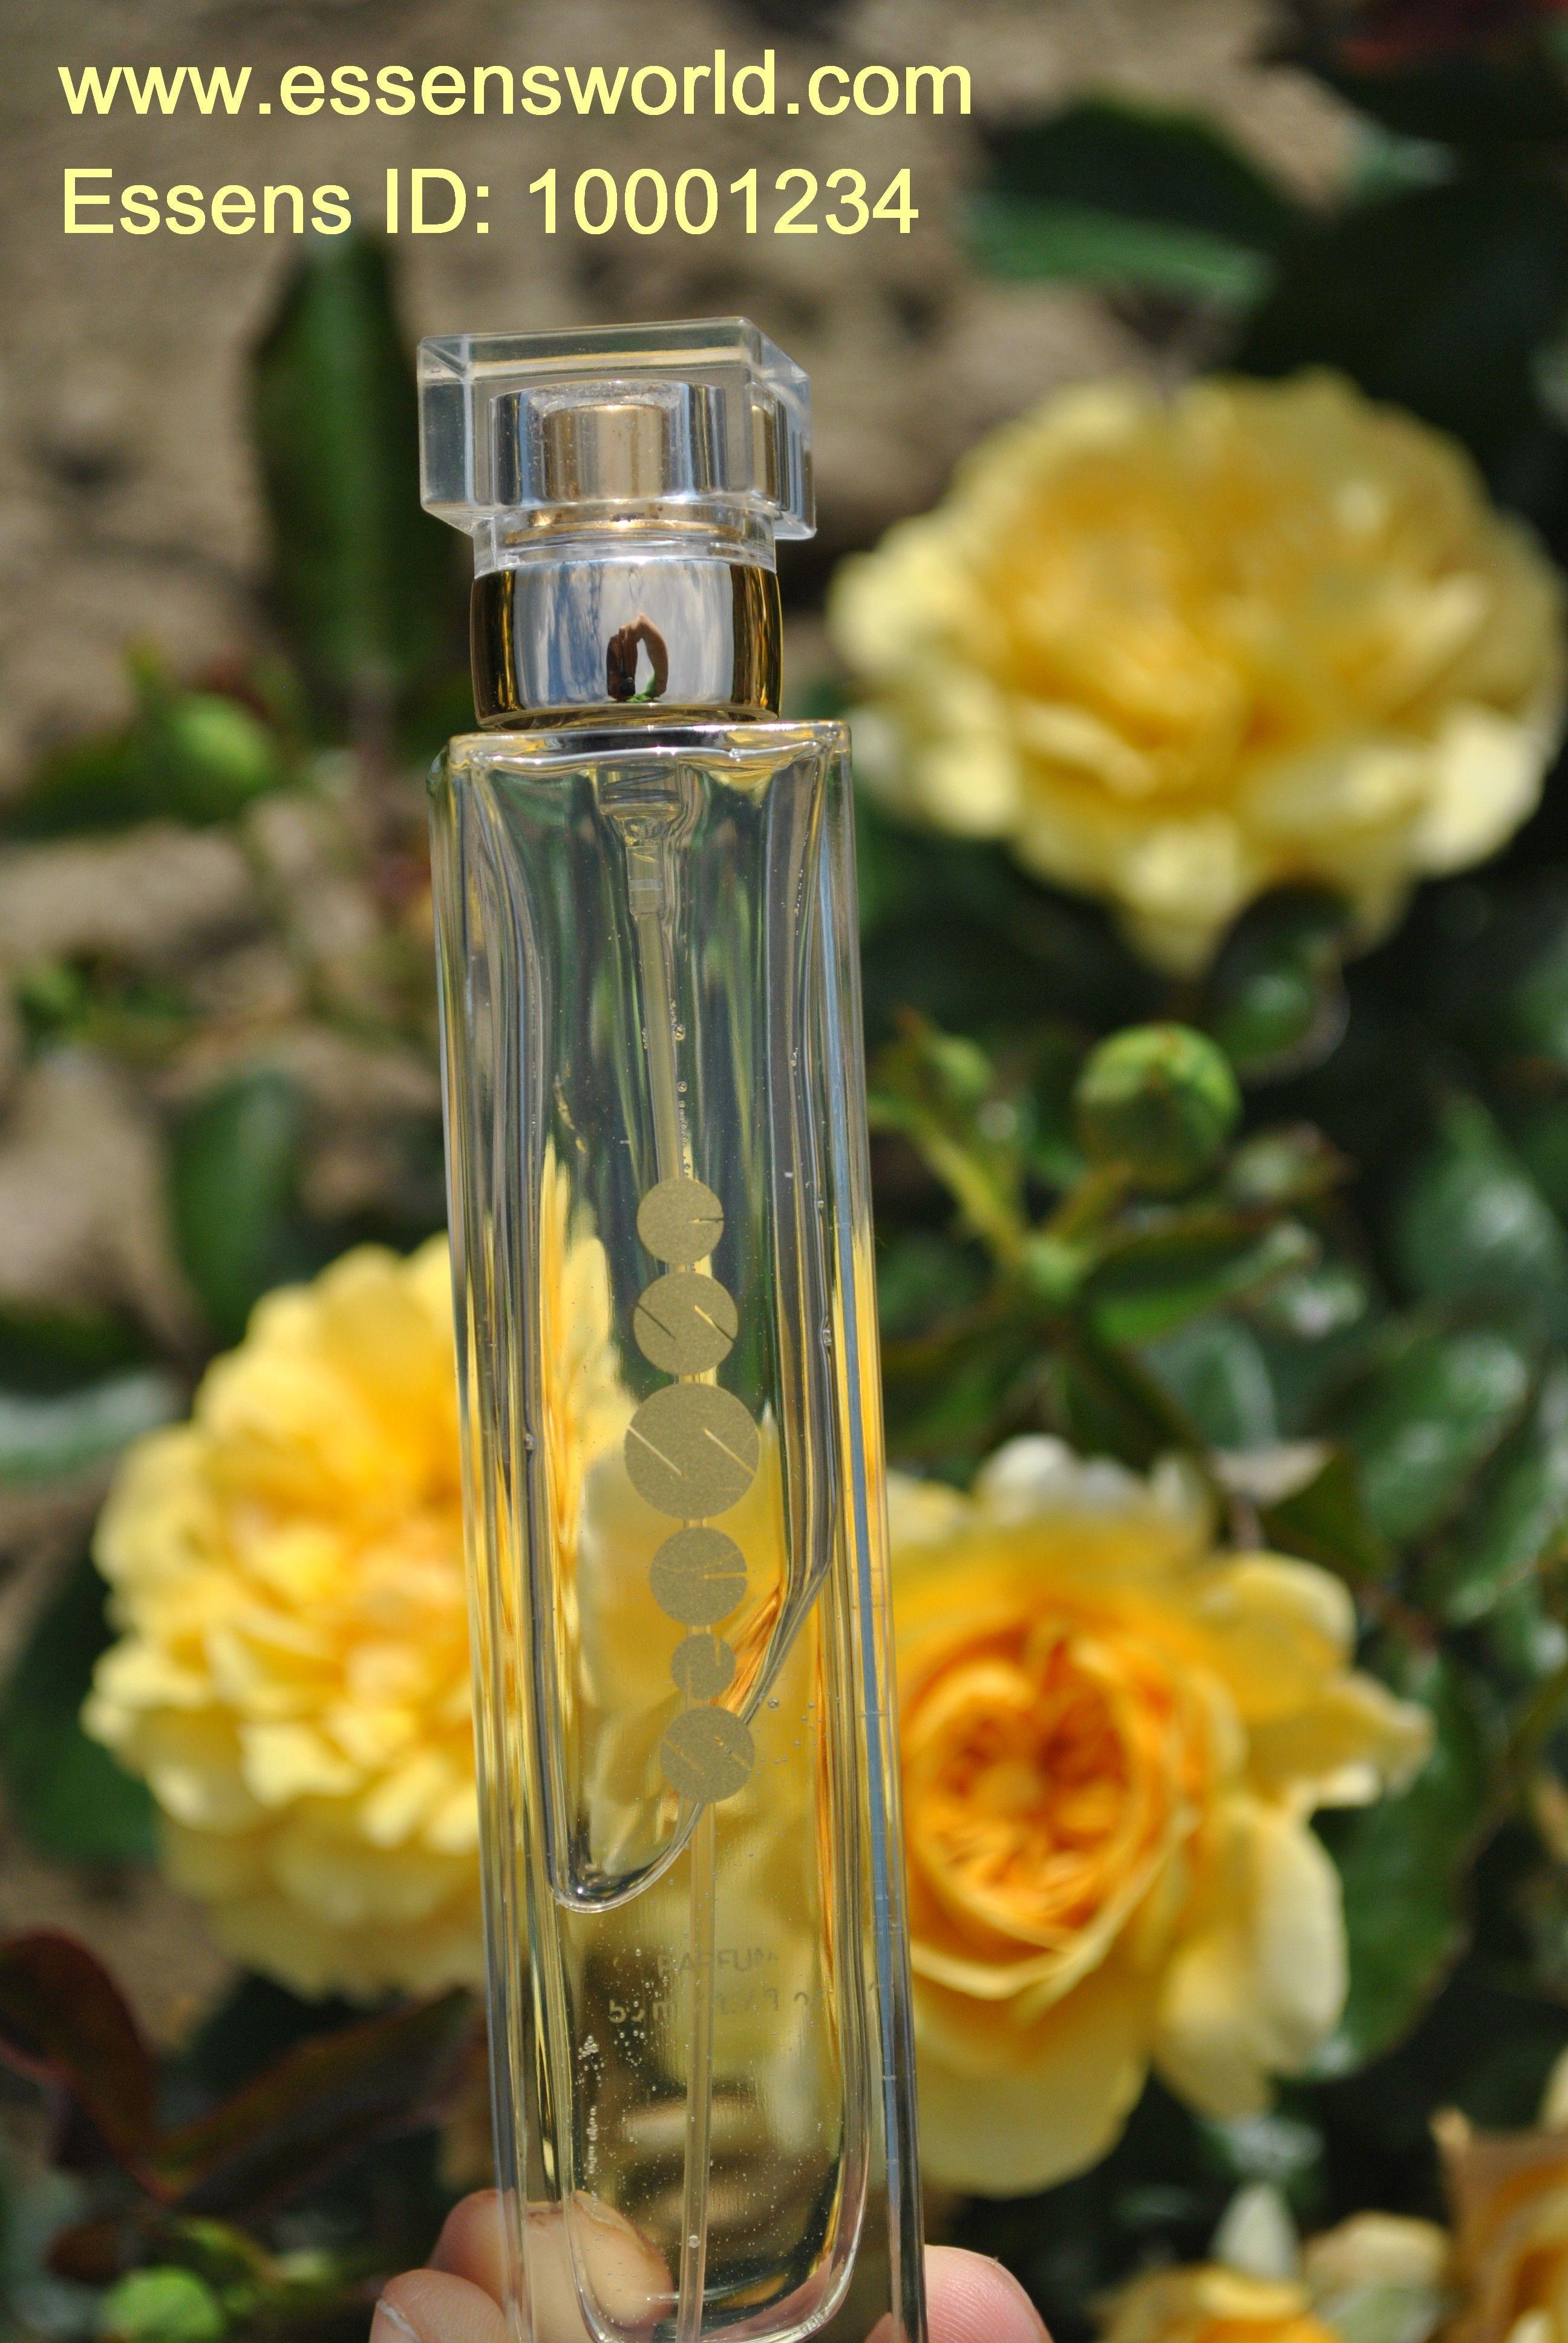 Levné Essens parfémy na období jaro a léto Probuďte svoje smyysly Essens vůní. emoce a vzpomínky, které jsou dokonce intenzivnější, než zrakové. Vůně působí na naše smysly i náladu, ovlivňují naše emoce, dokáží povzbudit a dokonce pomáhají proti depresím. Záleží na esencích, které parfémy obsahují. Vůní a esnecí z výtažků z různých rostlin se využívá i v léčebné a relaxační aromaterapii. Každá vůně je jedinečná a může podtrhnout Vaši osobnost - http://essensclub.cz/jarni-a-letni-vune-essens/